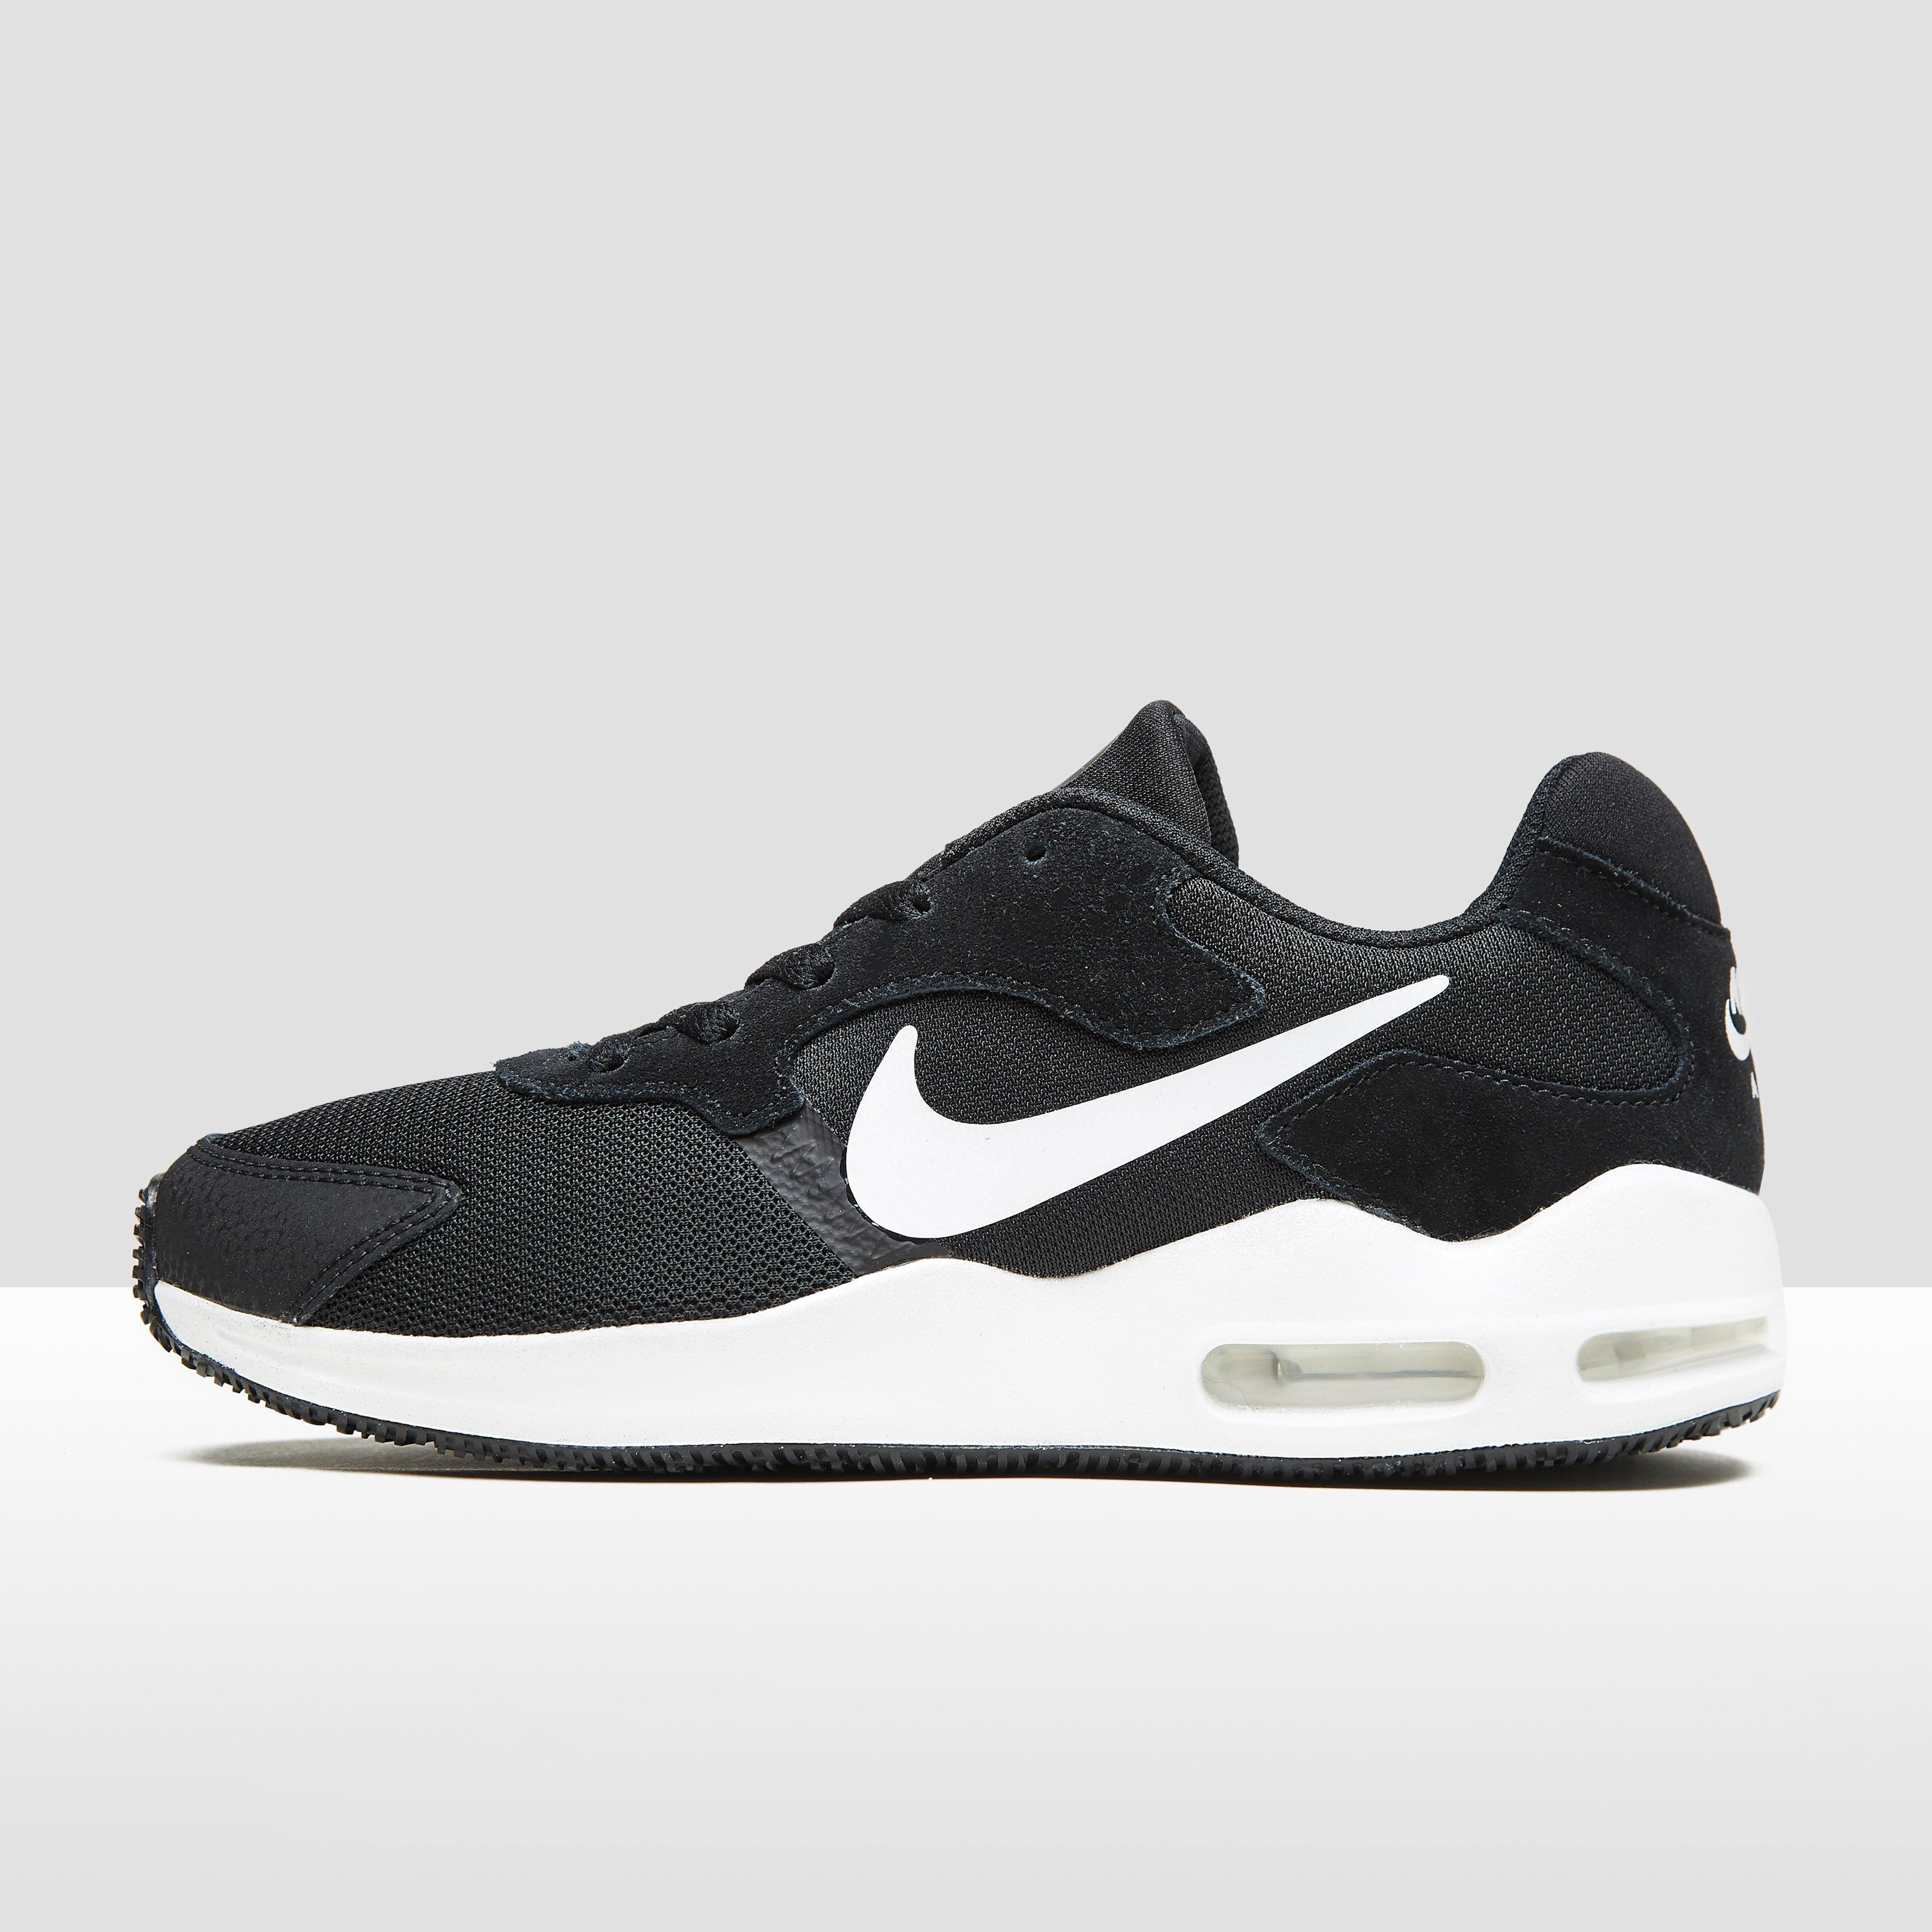 Nike - Baskets Air Max - Femmes - Guile Chaussures - Noir - 37.5 EdP6Bohq4G